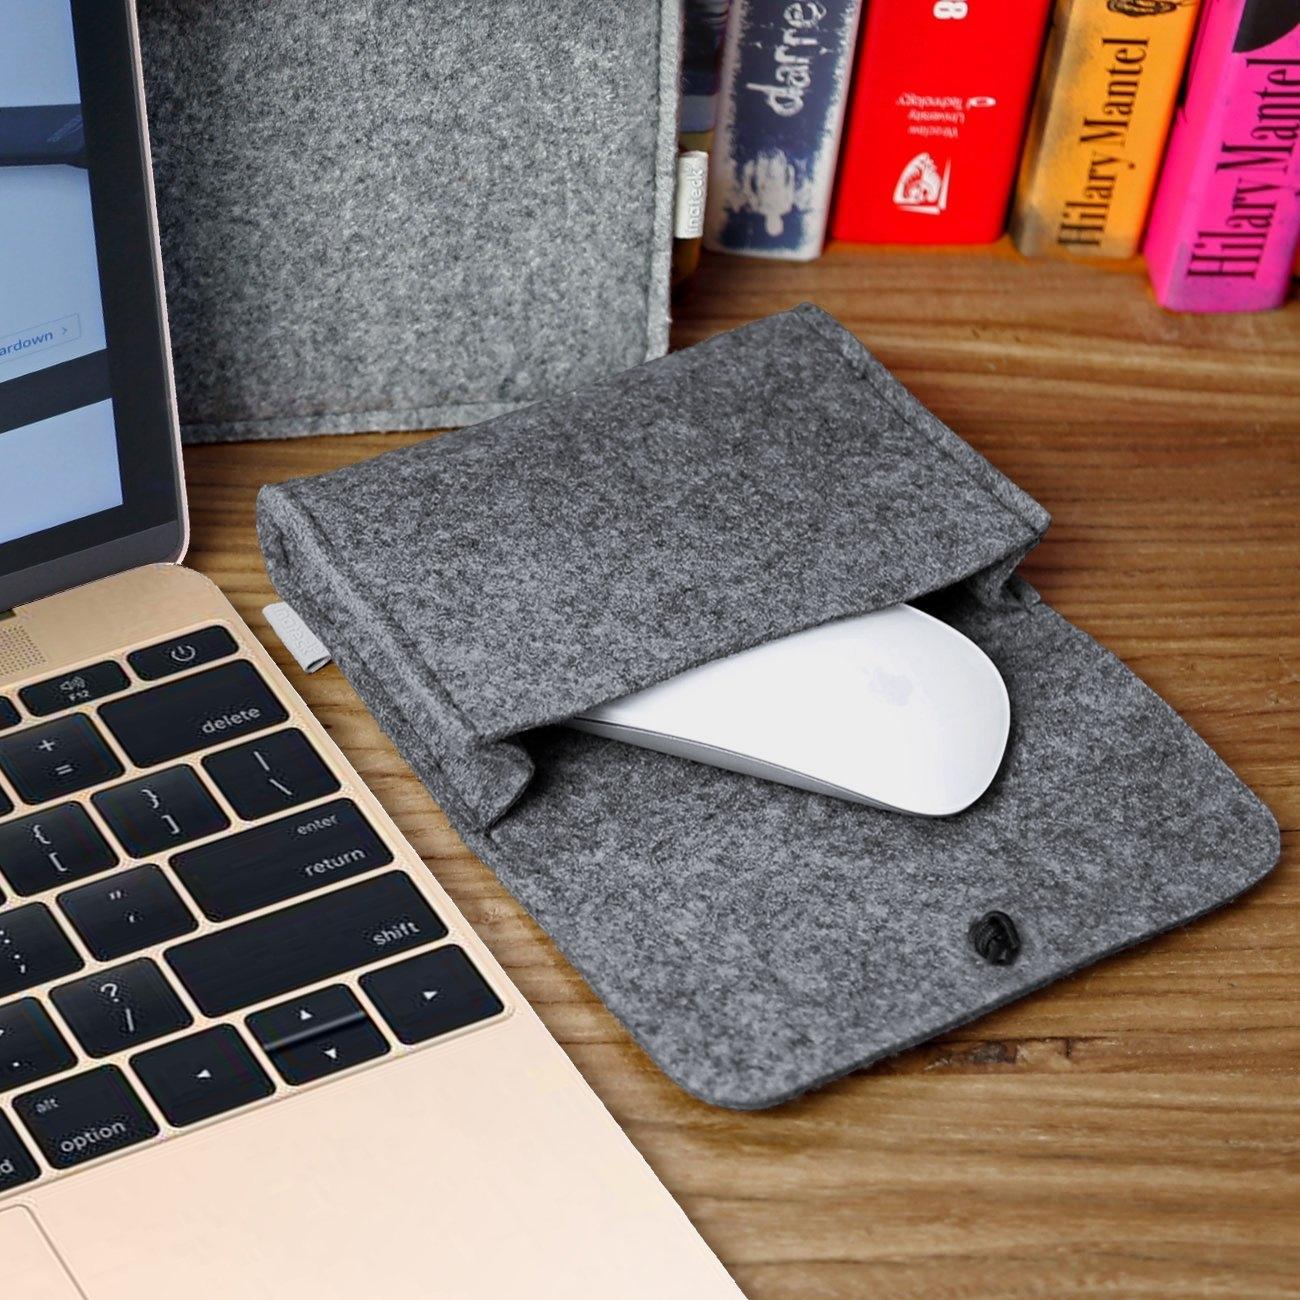 Inateck Macbook Air / Macbook Pro Çanta (12 inç) - MP1200